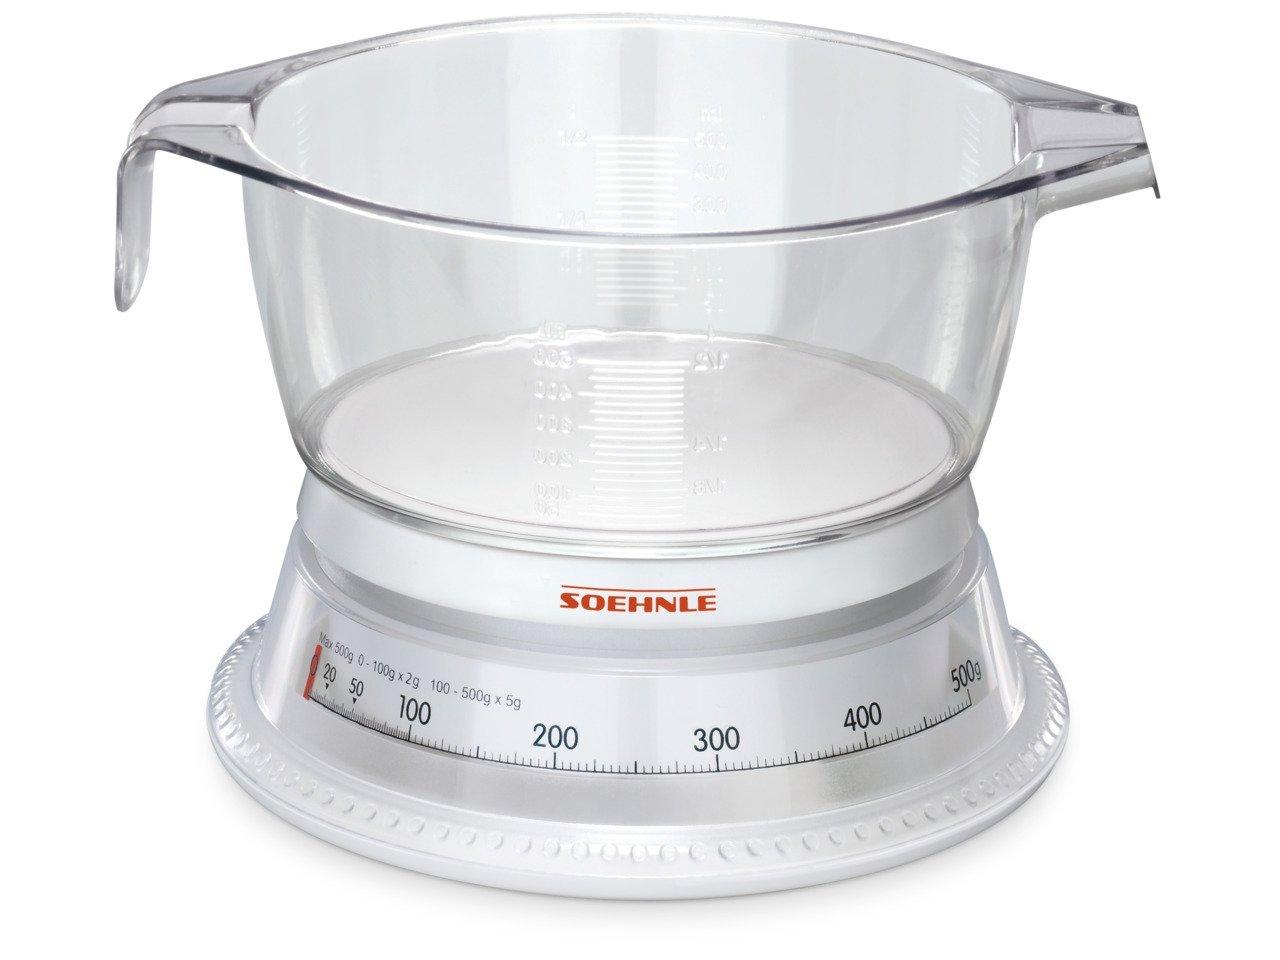 Soehnle Vario bếp cân nó gọi – trắng / kính